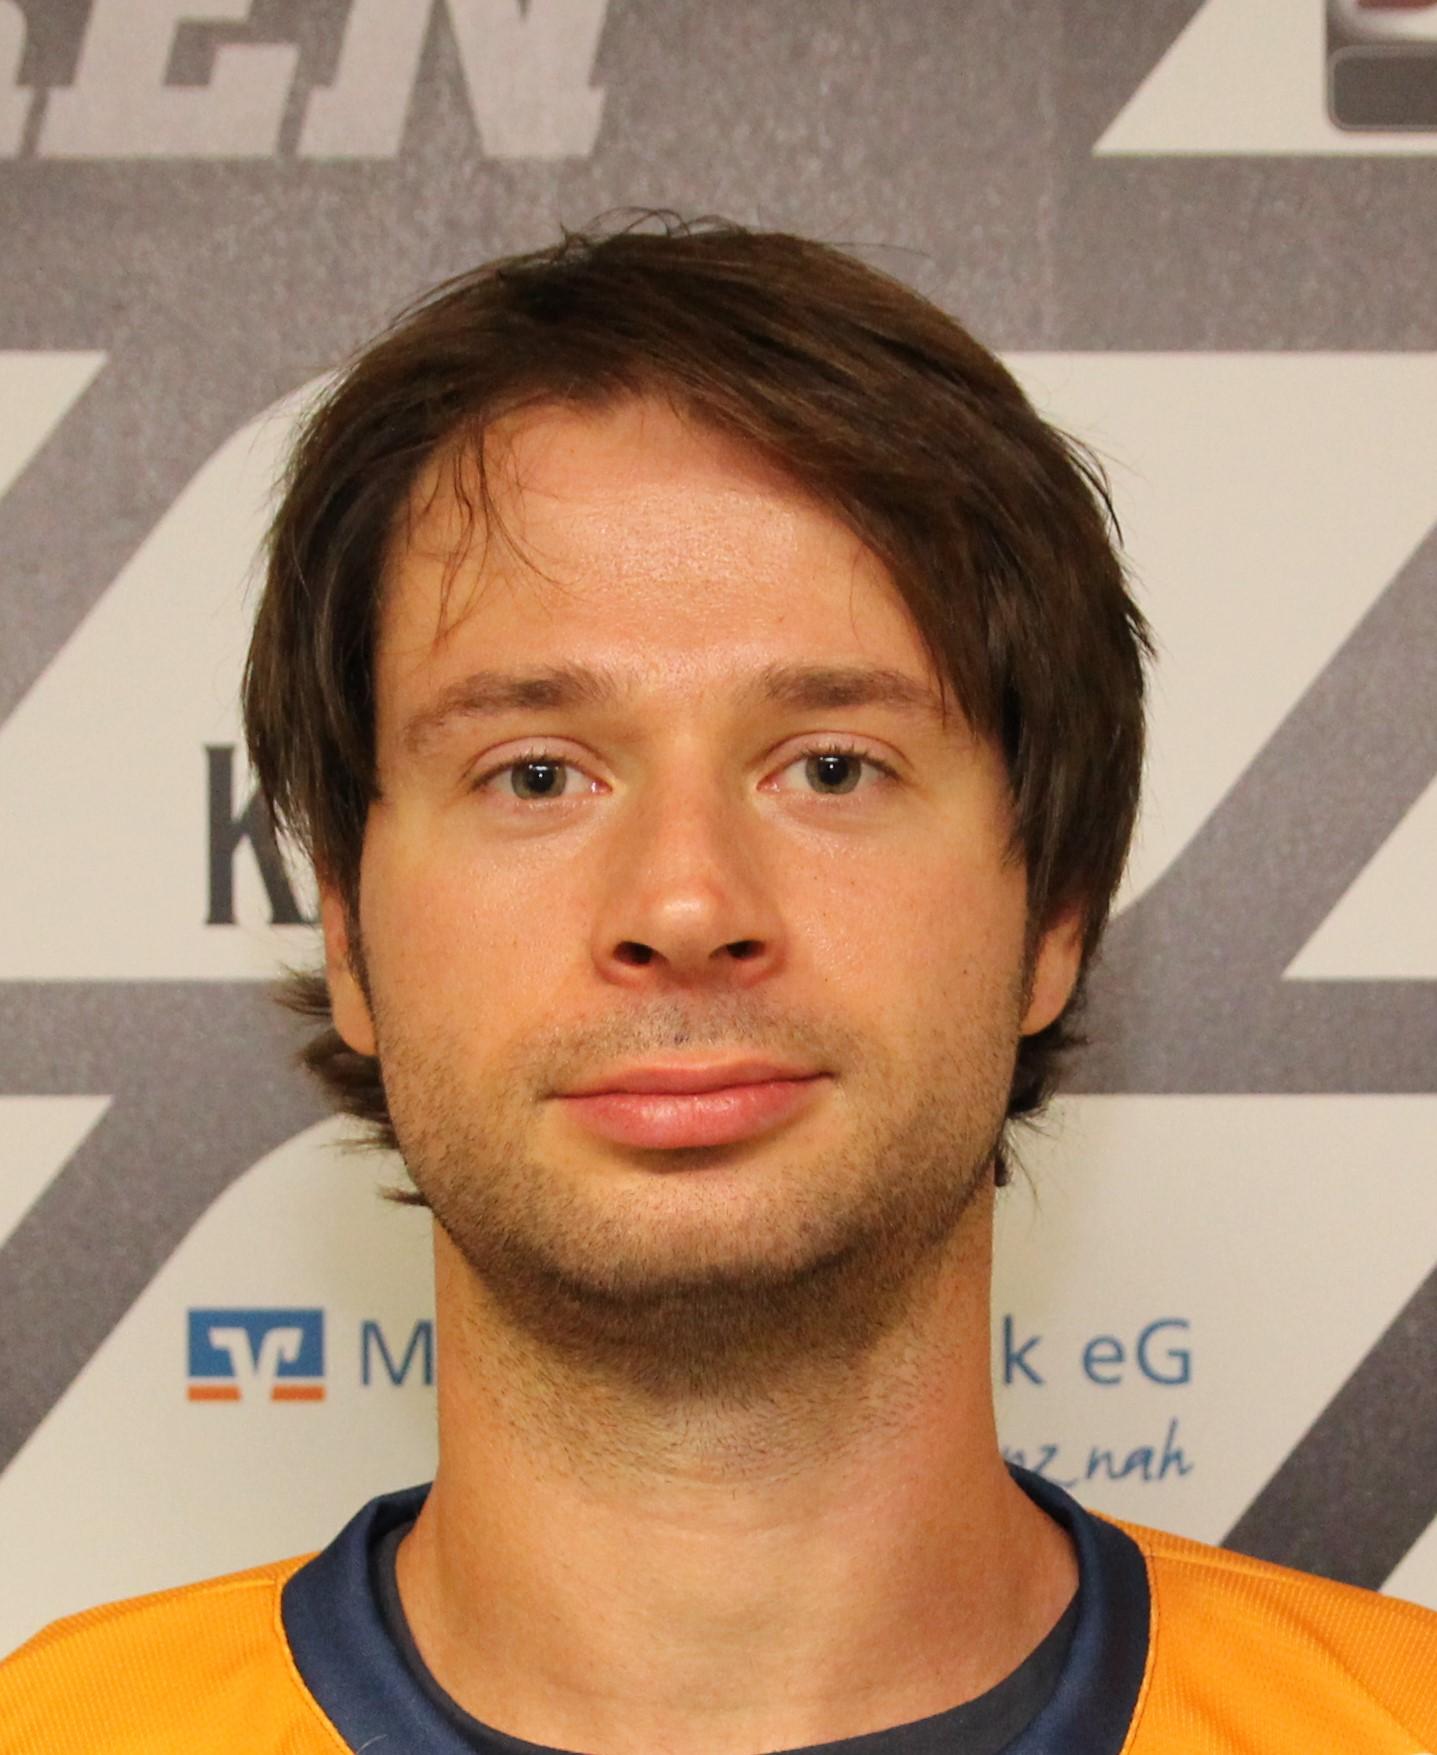 Lars Hoßbach #68 S